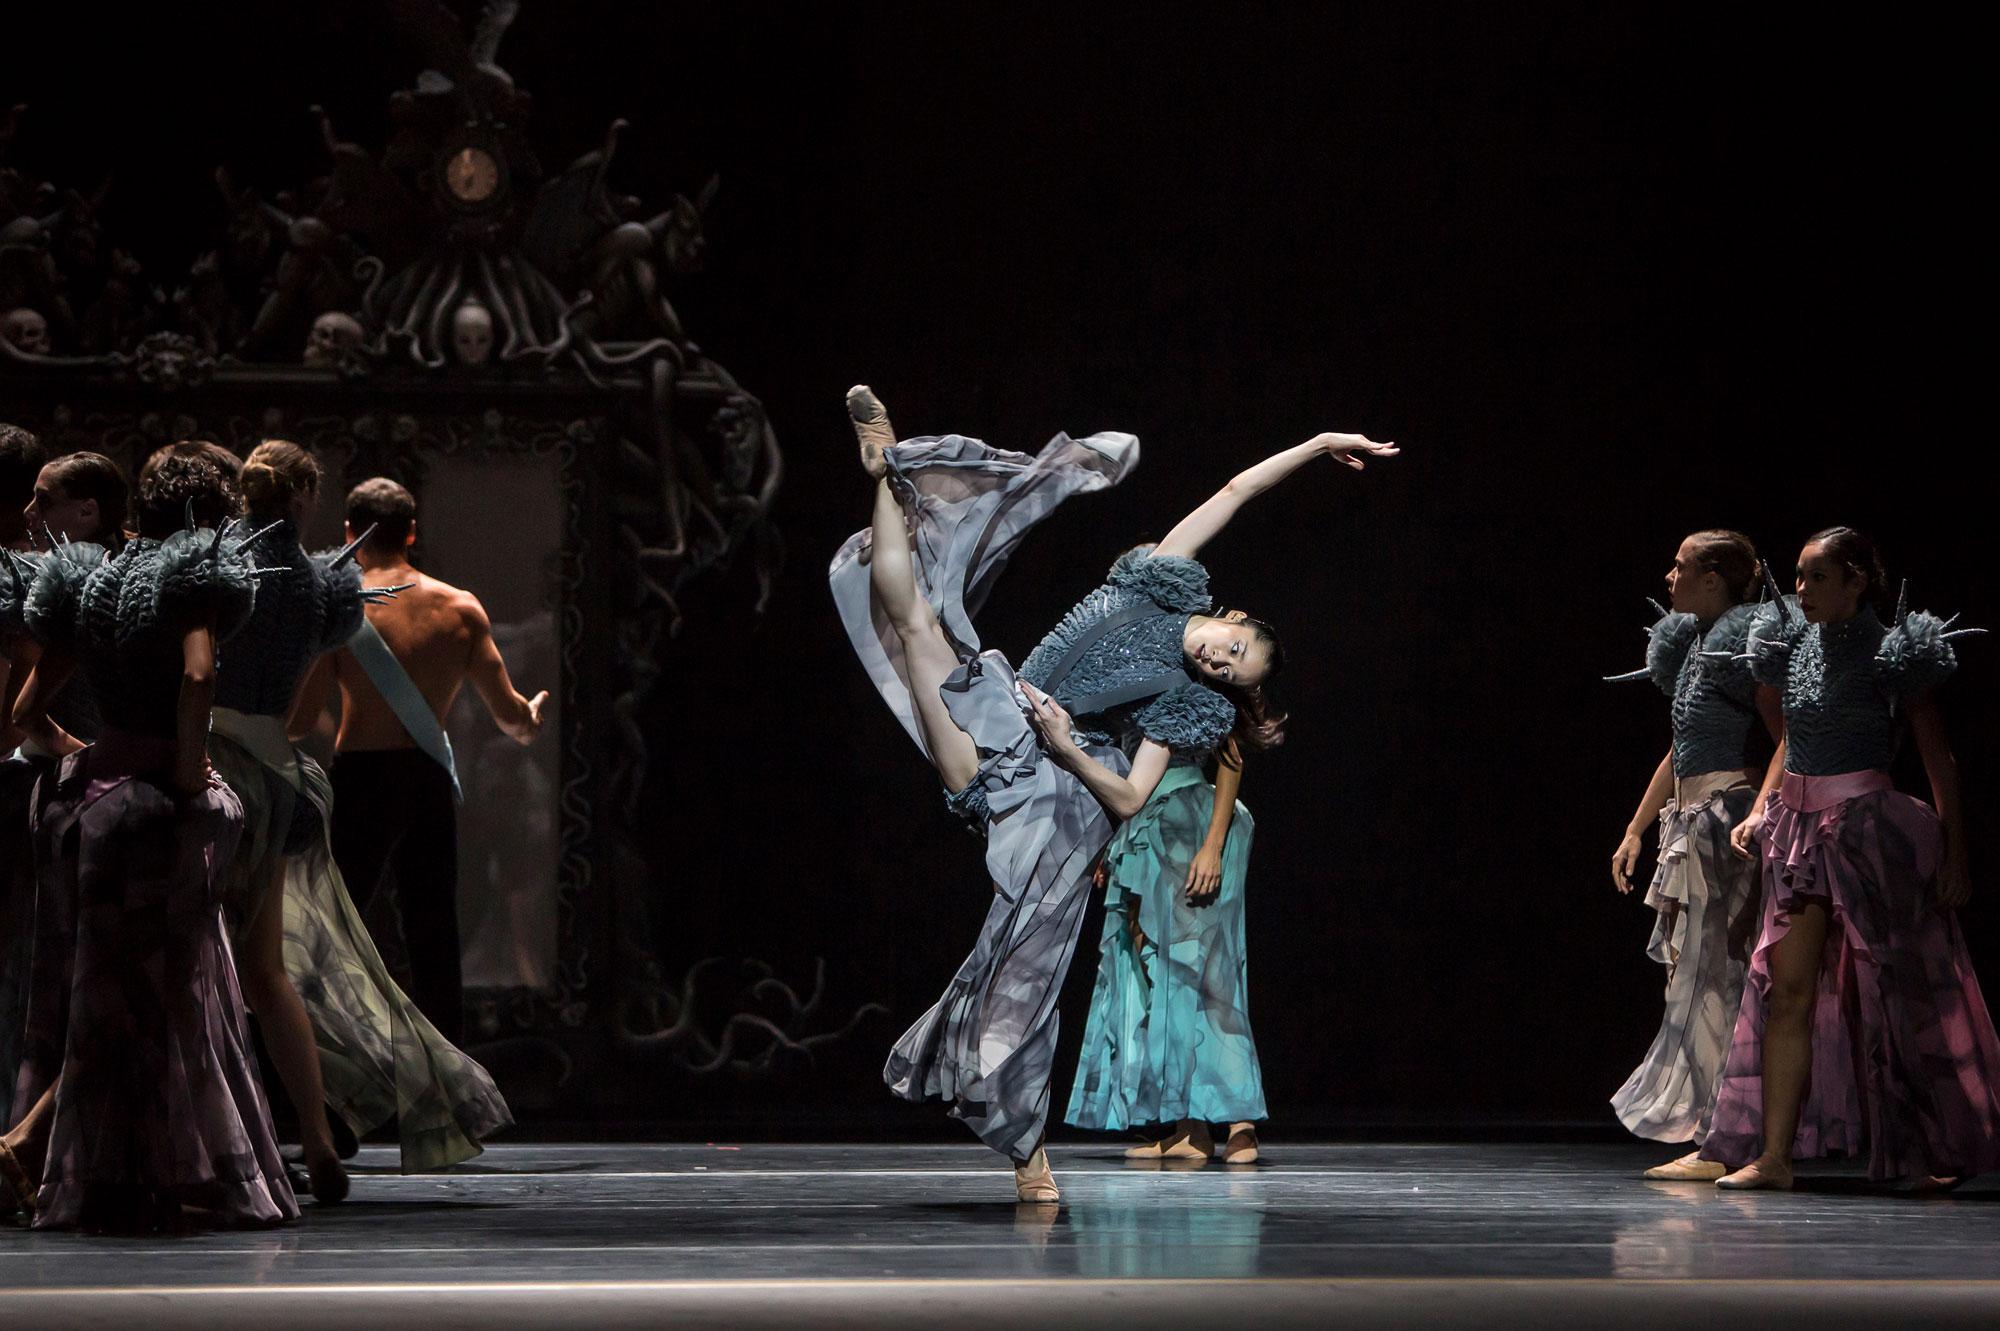 Ballet du Grand Théâtre de Genève, Casse-Noisette de Piotr Illitch Tchaïkovski, novembre 2014. Chorégraphie : Jeroen Verbruggen. Au centre : Sara Shigenari (Marie)